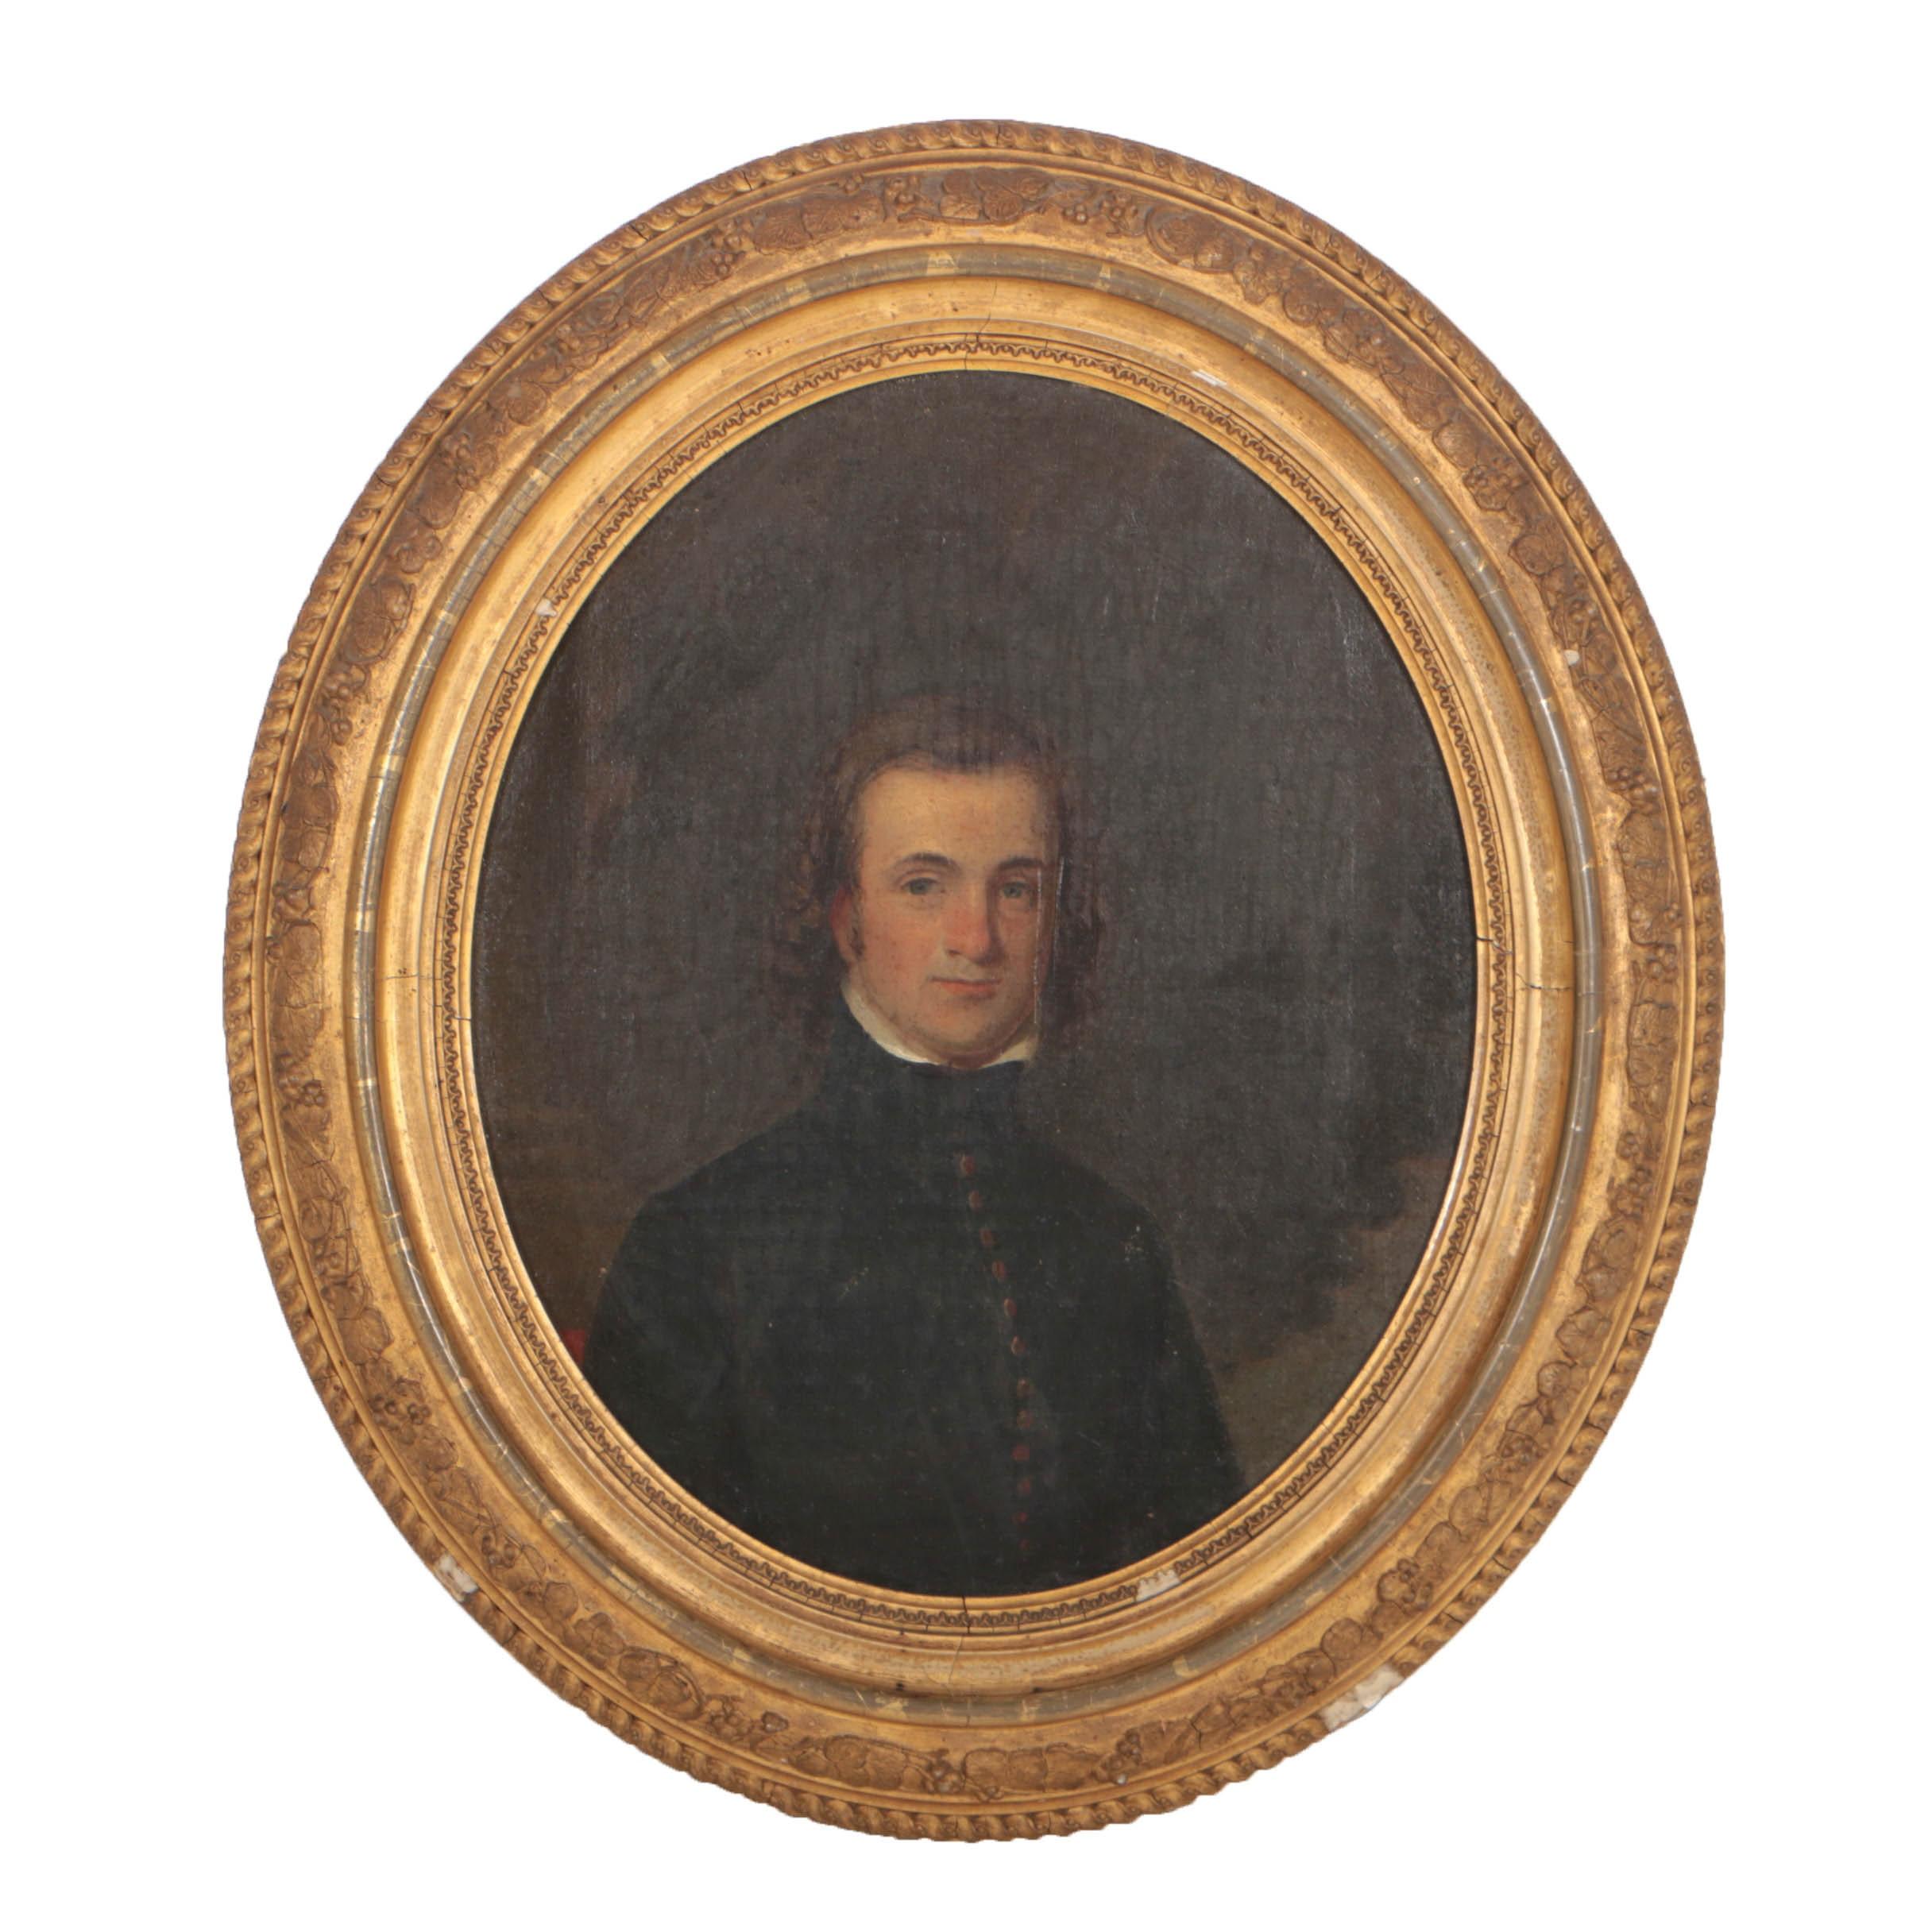 American School 19th Century Oil Portrait on Board of a Gentleman